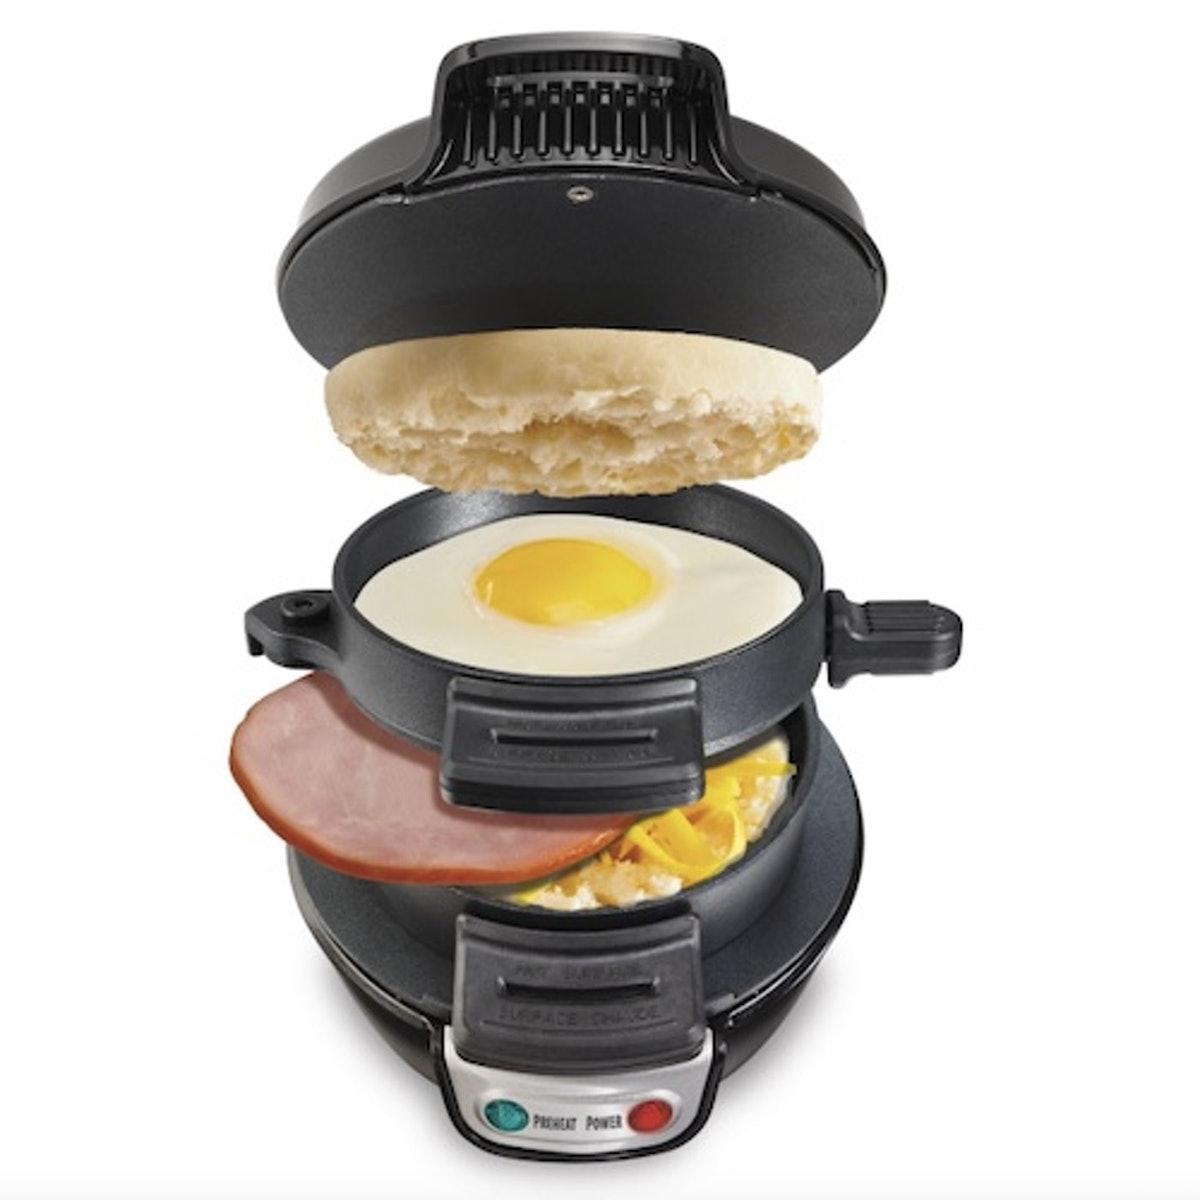 Hamilton Beach 25477 Breakfast Electric Sandwich Maker